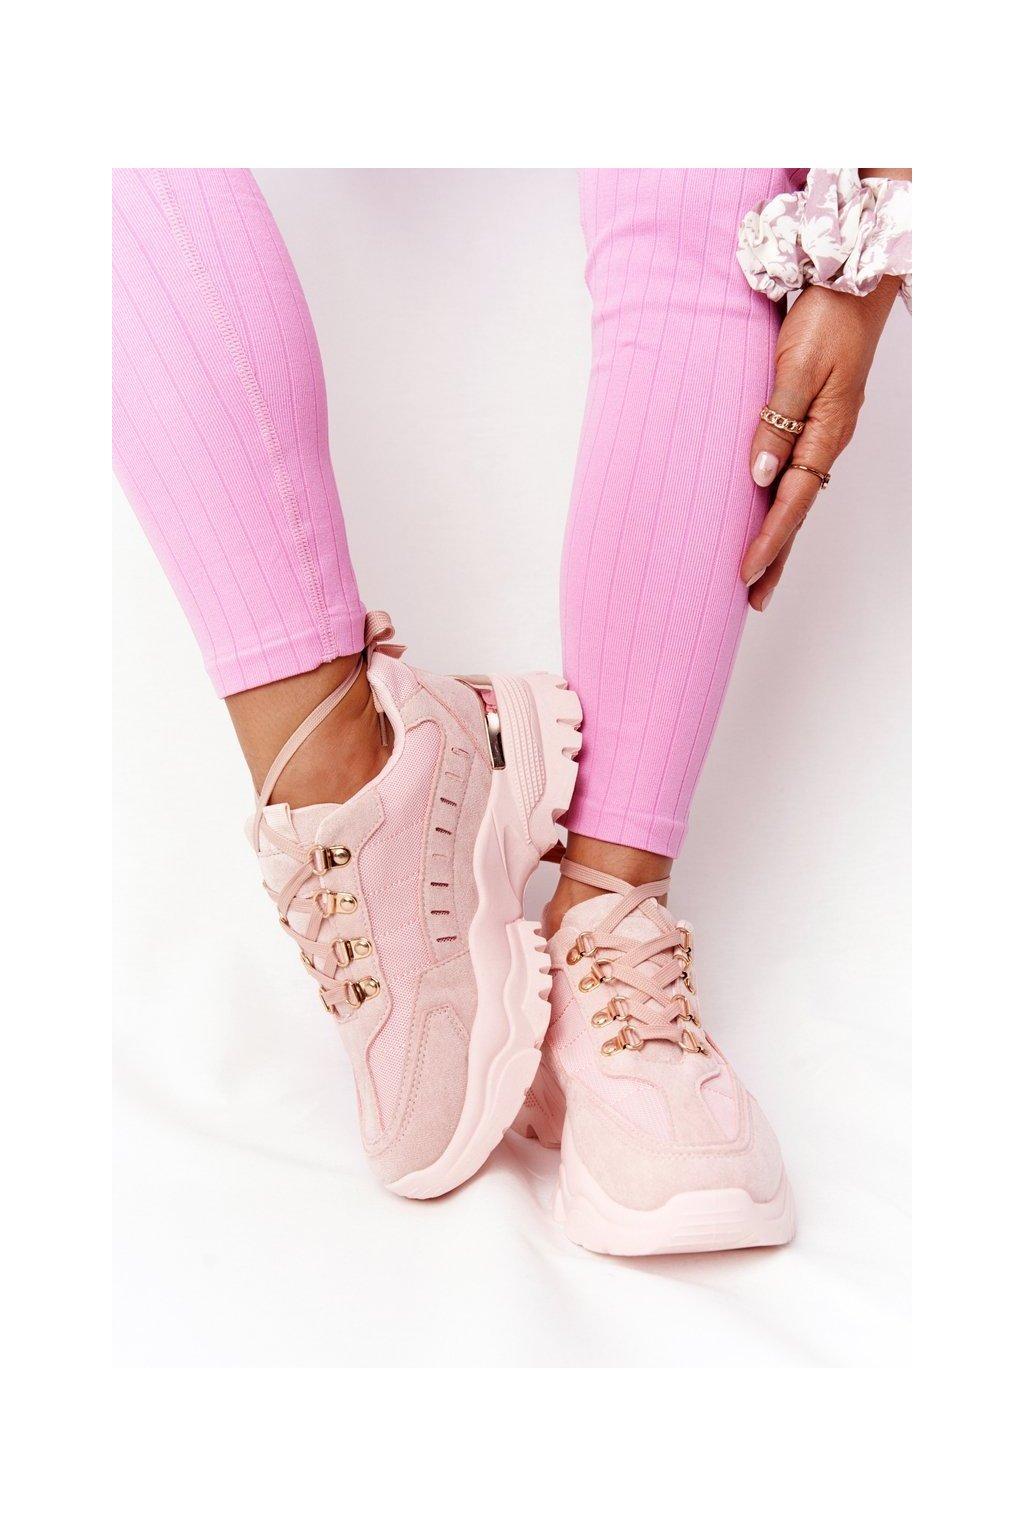 Dámske tenisky farba ružová NJSK VL131P PINK